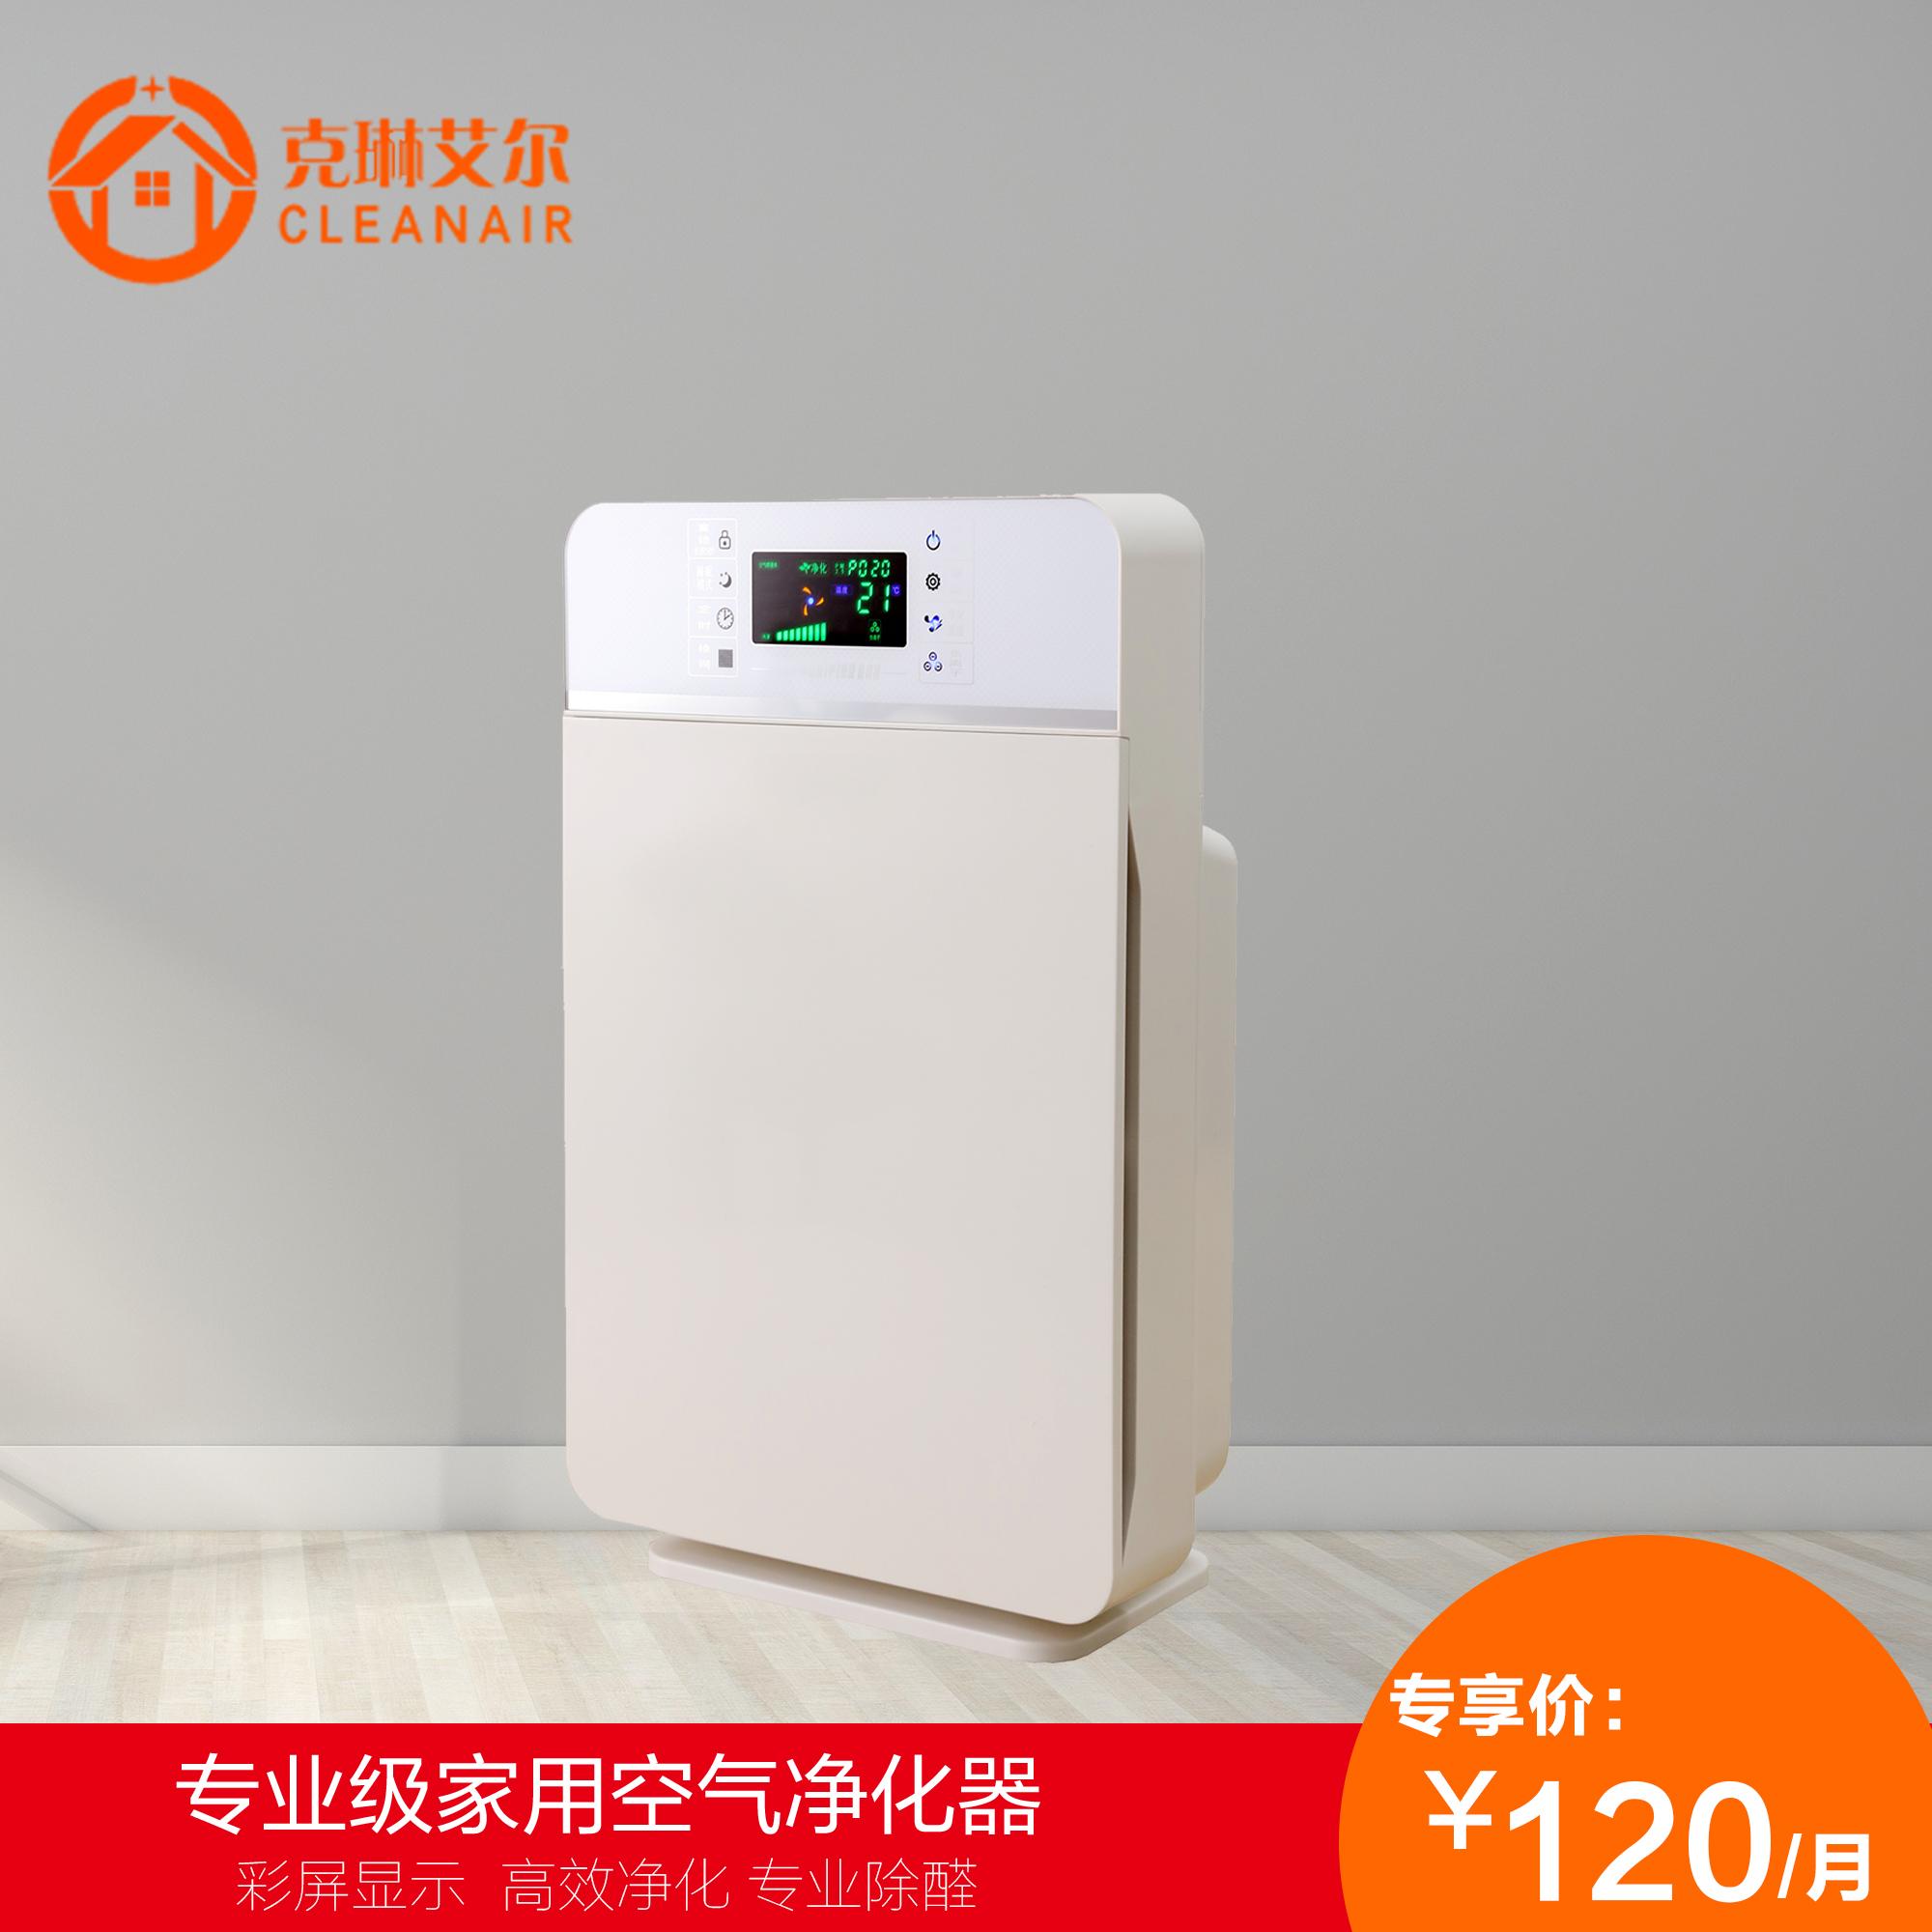 [克琳艾尔空气净化,氧吧]【高负离子】克琳艾尔彩屏显示除菌去甲月销量0件仅售120元